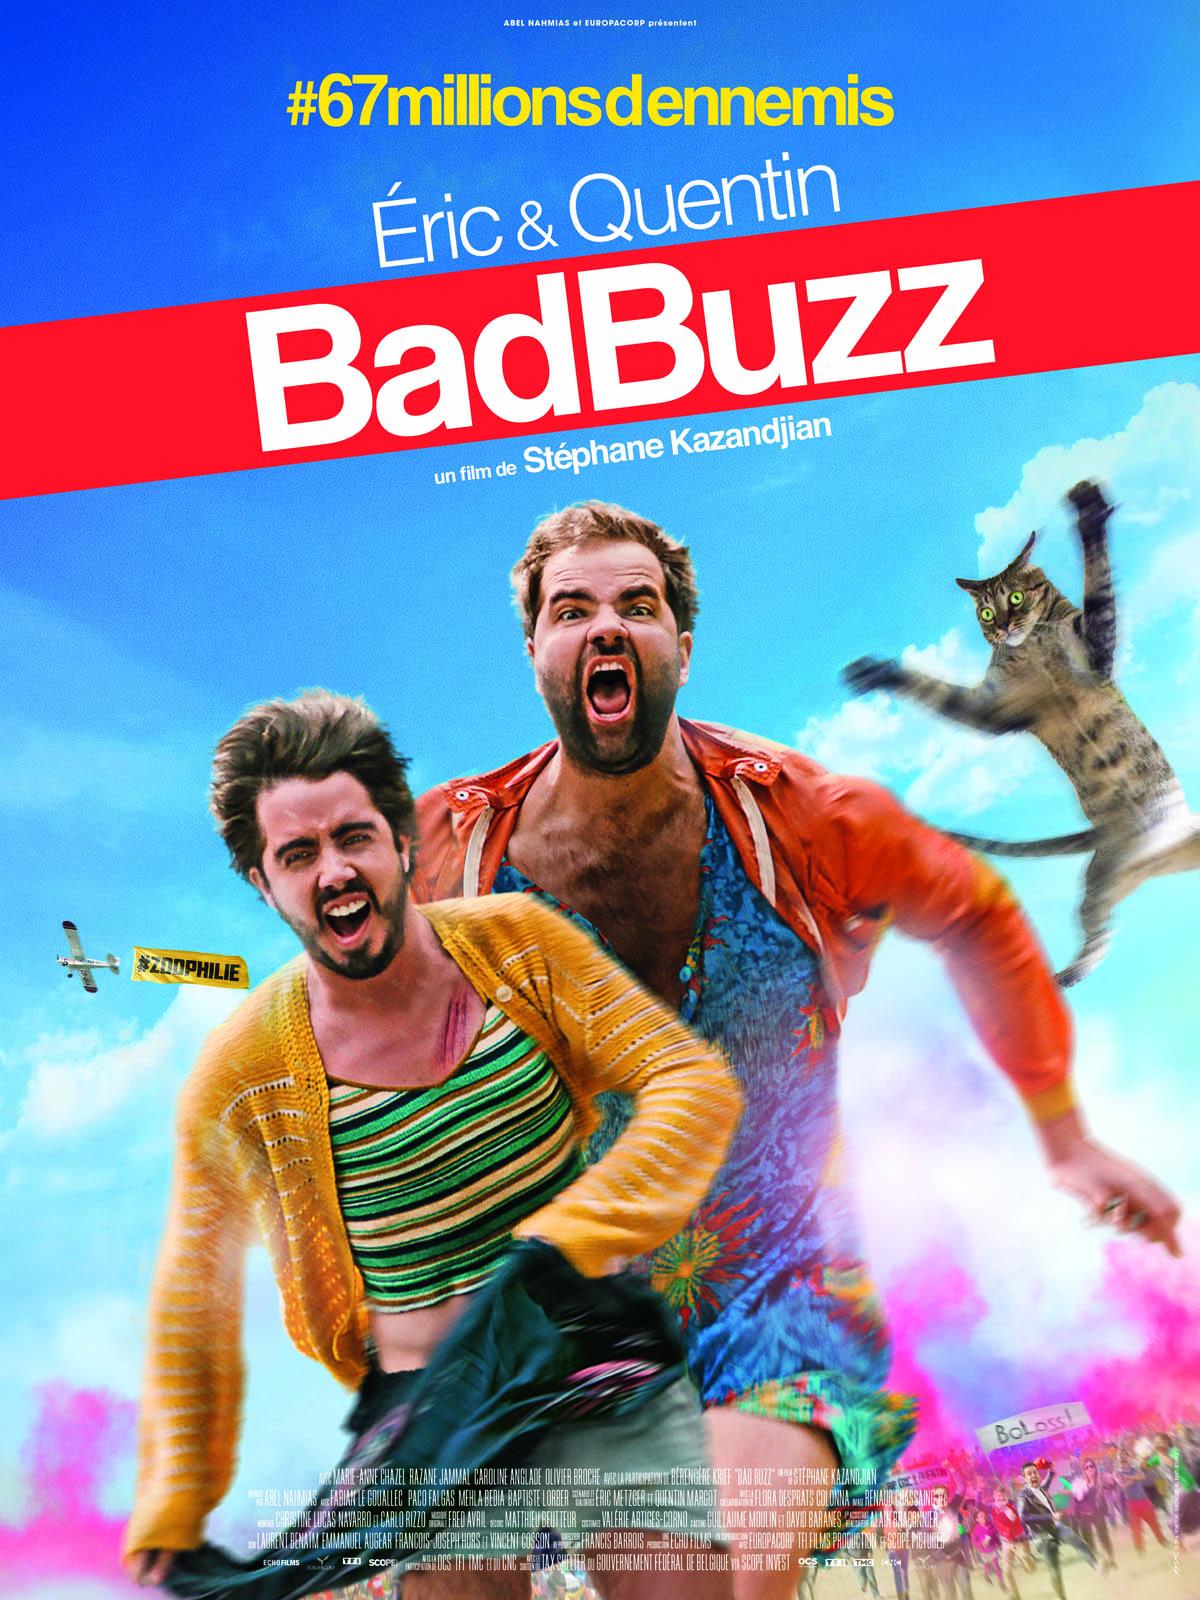 Badd buzz